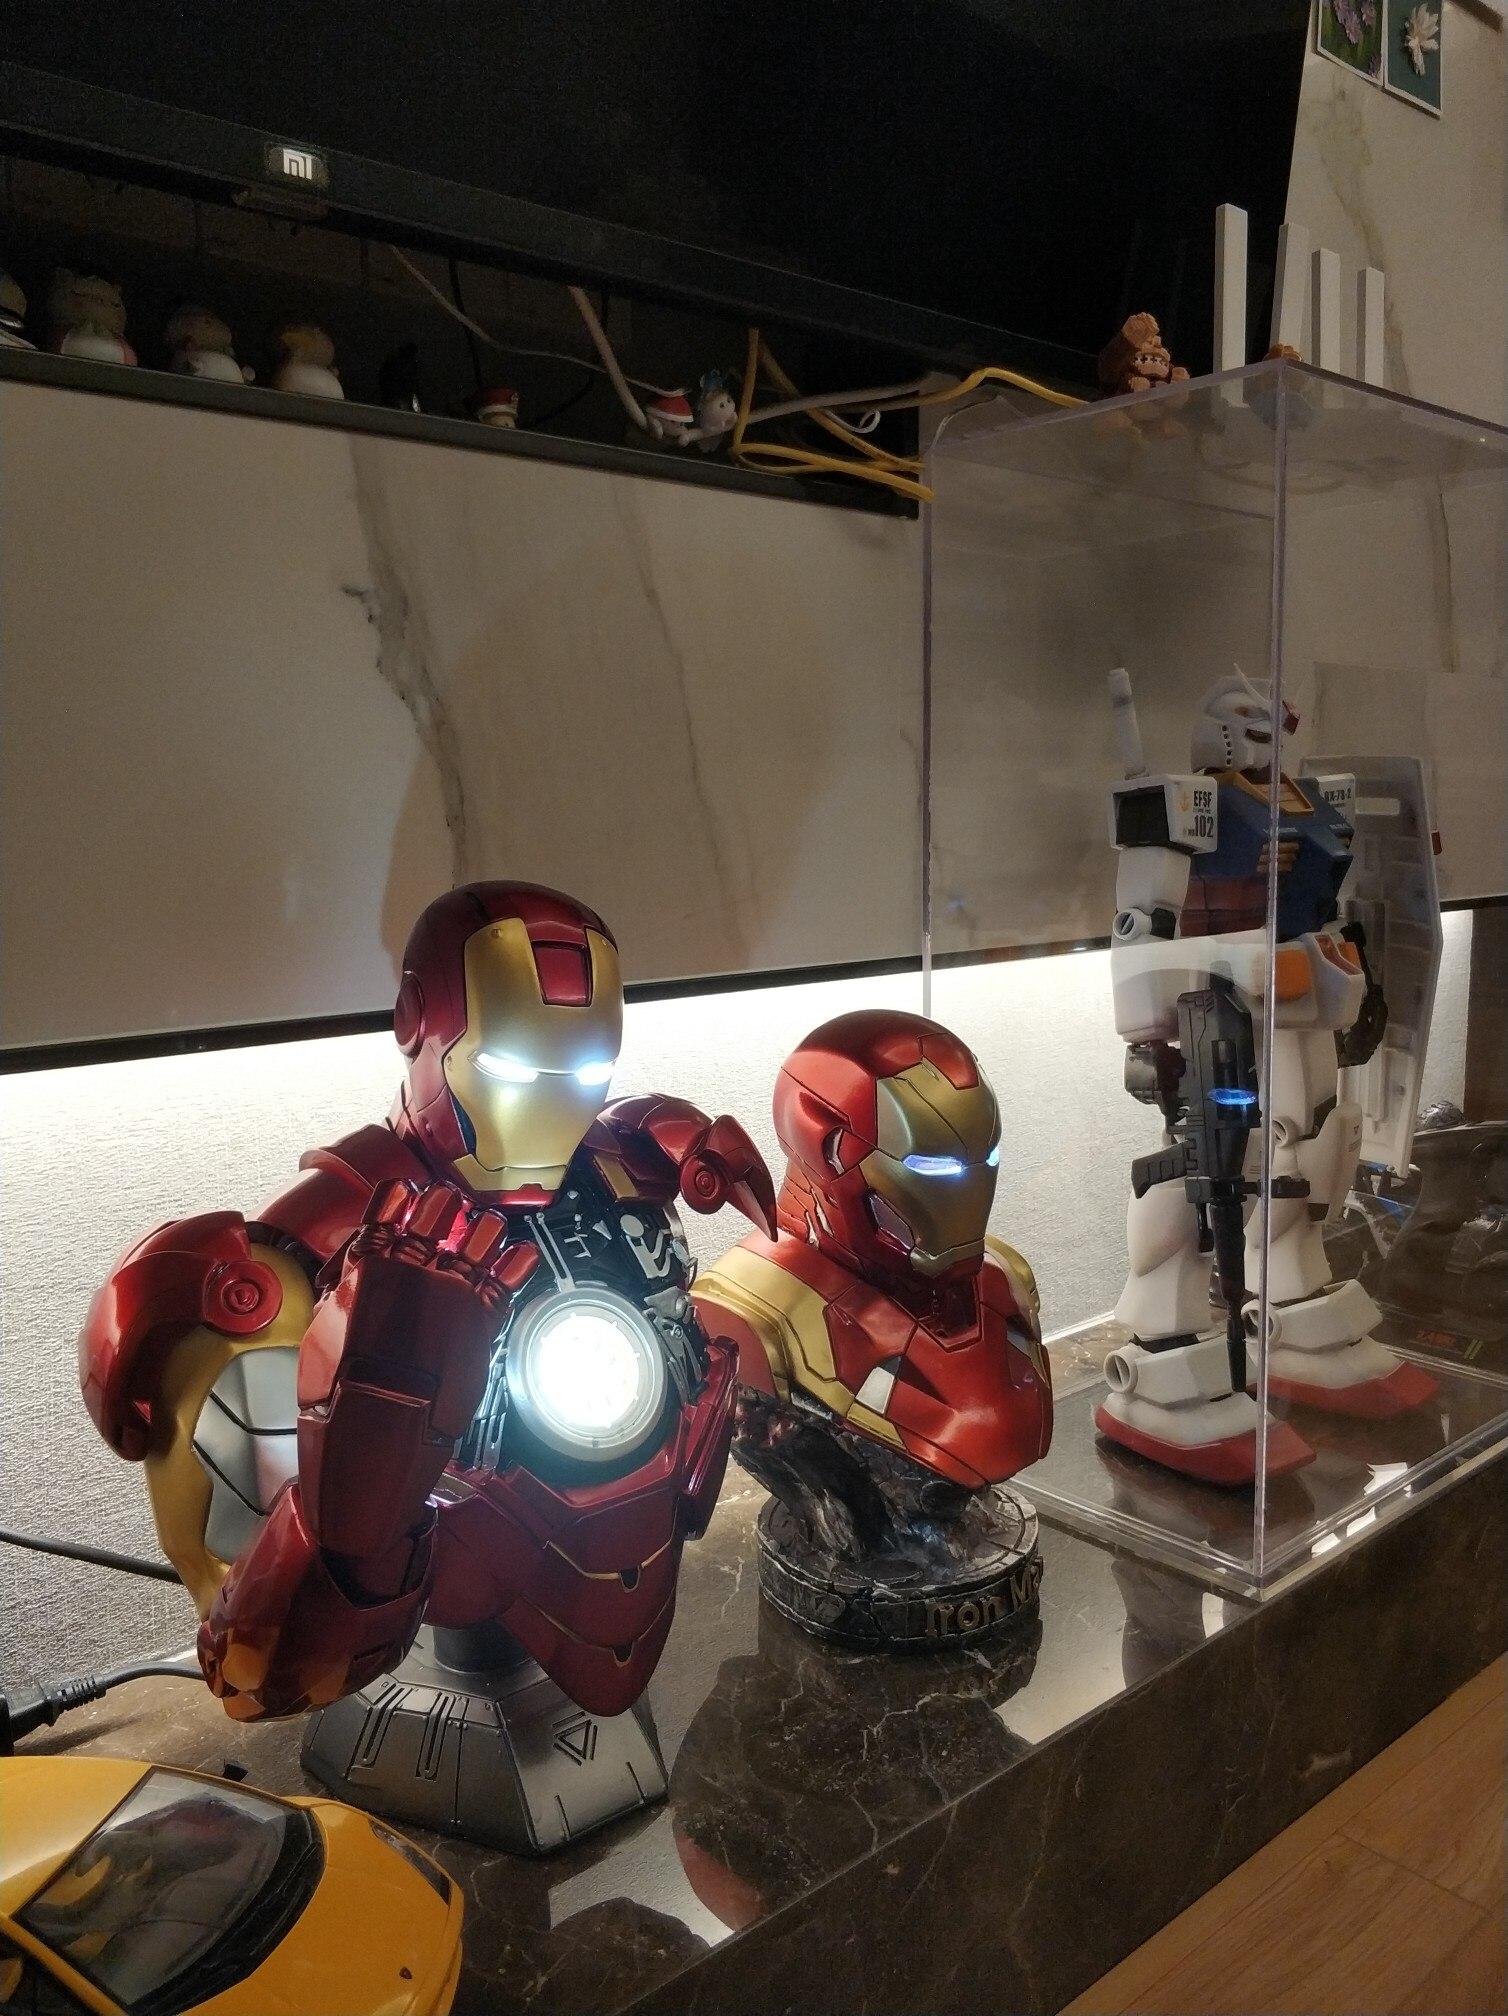 Бюст Железный Человек МК 6 Статуя Светодиодная Подсветка - h59220685024443af854cdaf1769bbdc9t